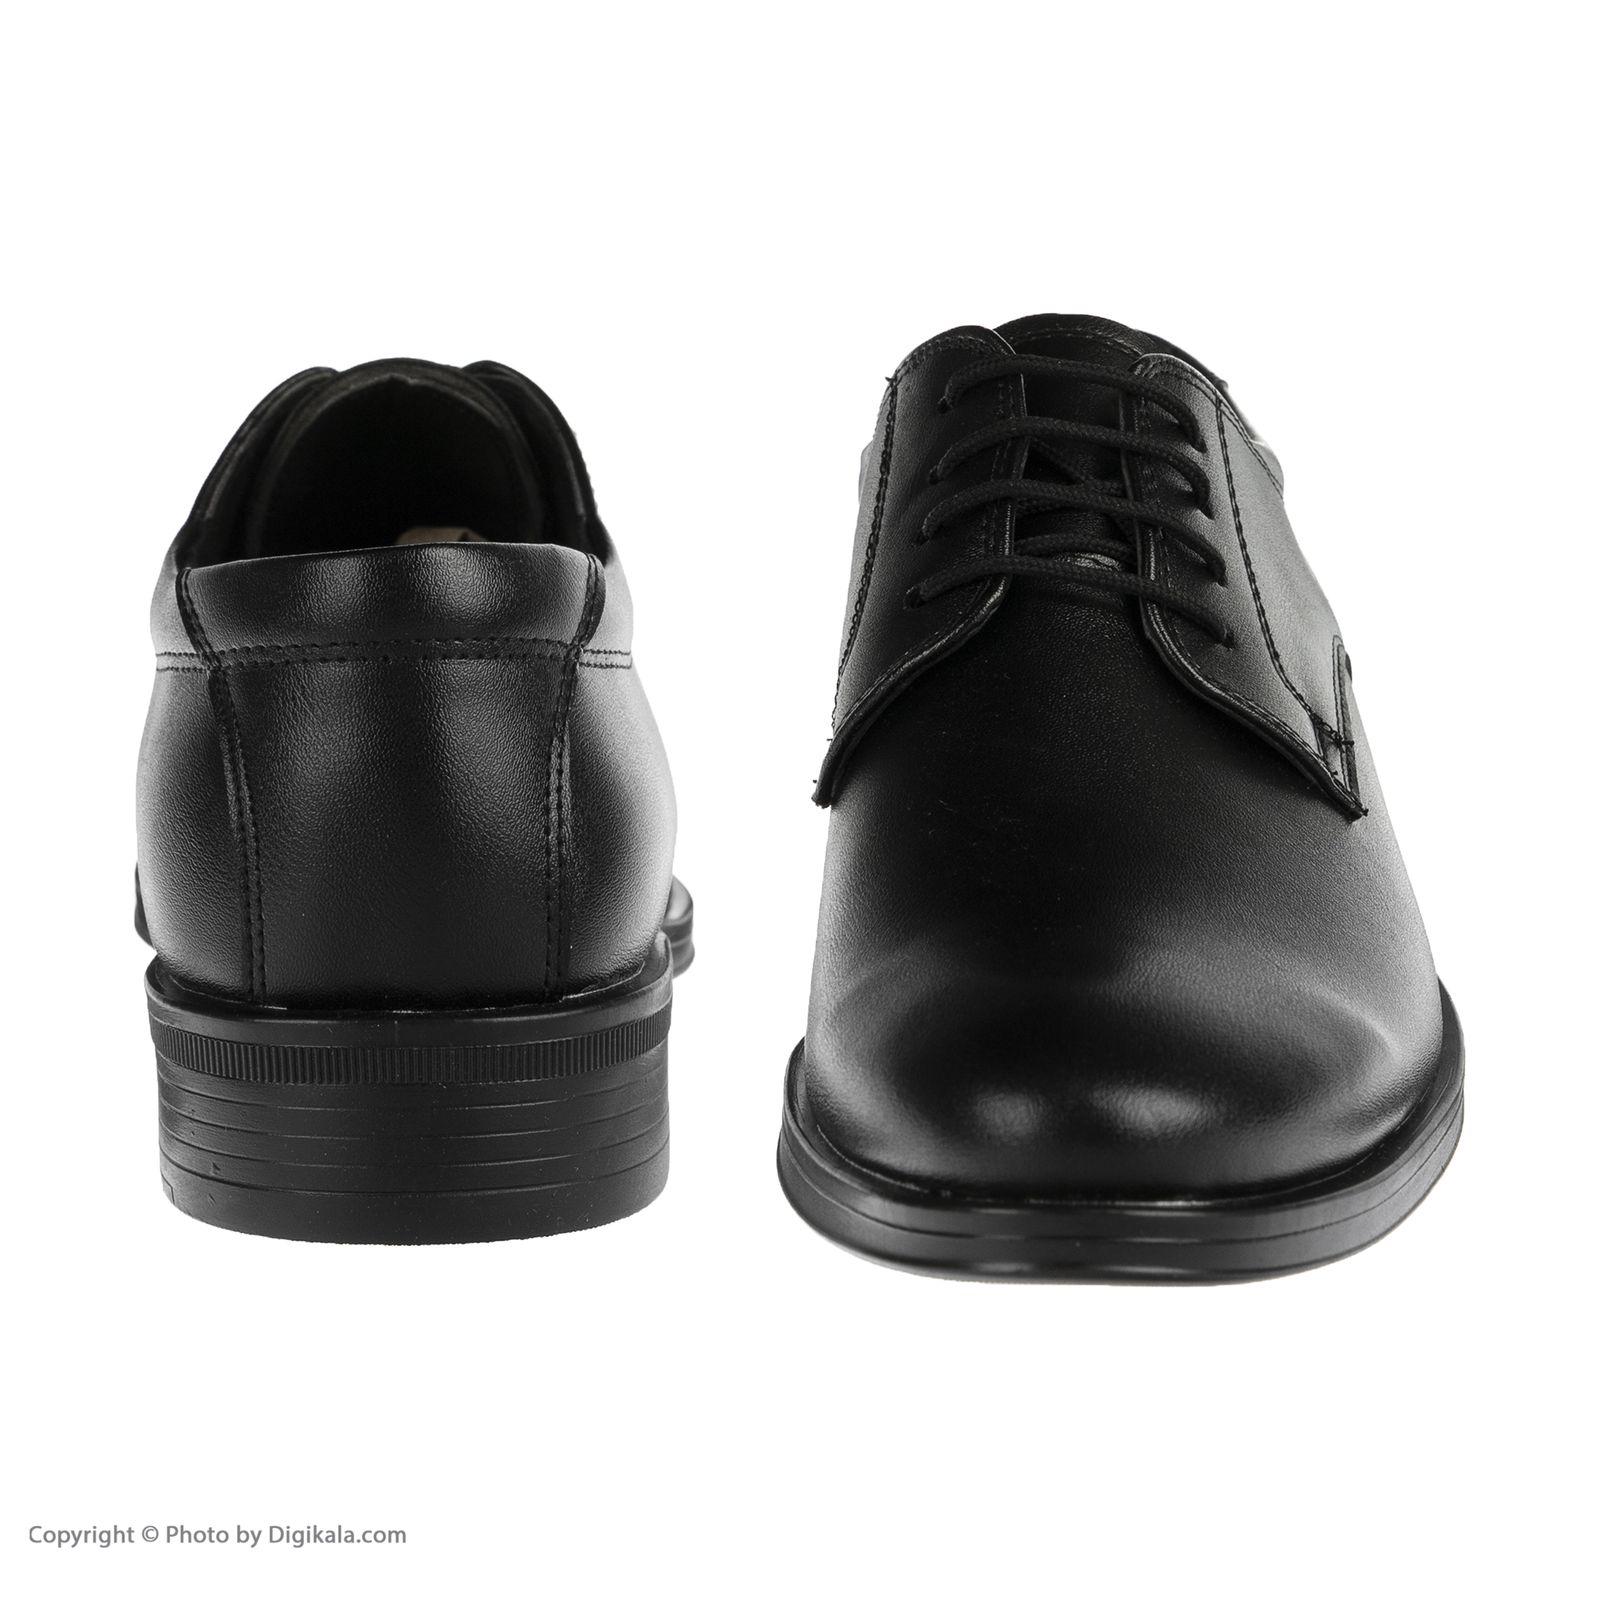 کفش مردانه اسپرت من مدل r615-1 -  - 4